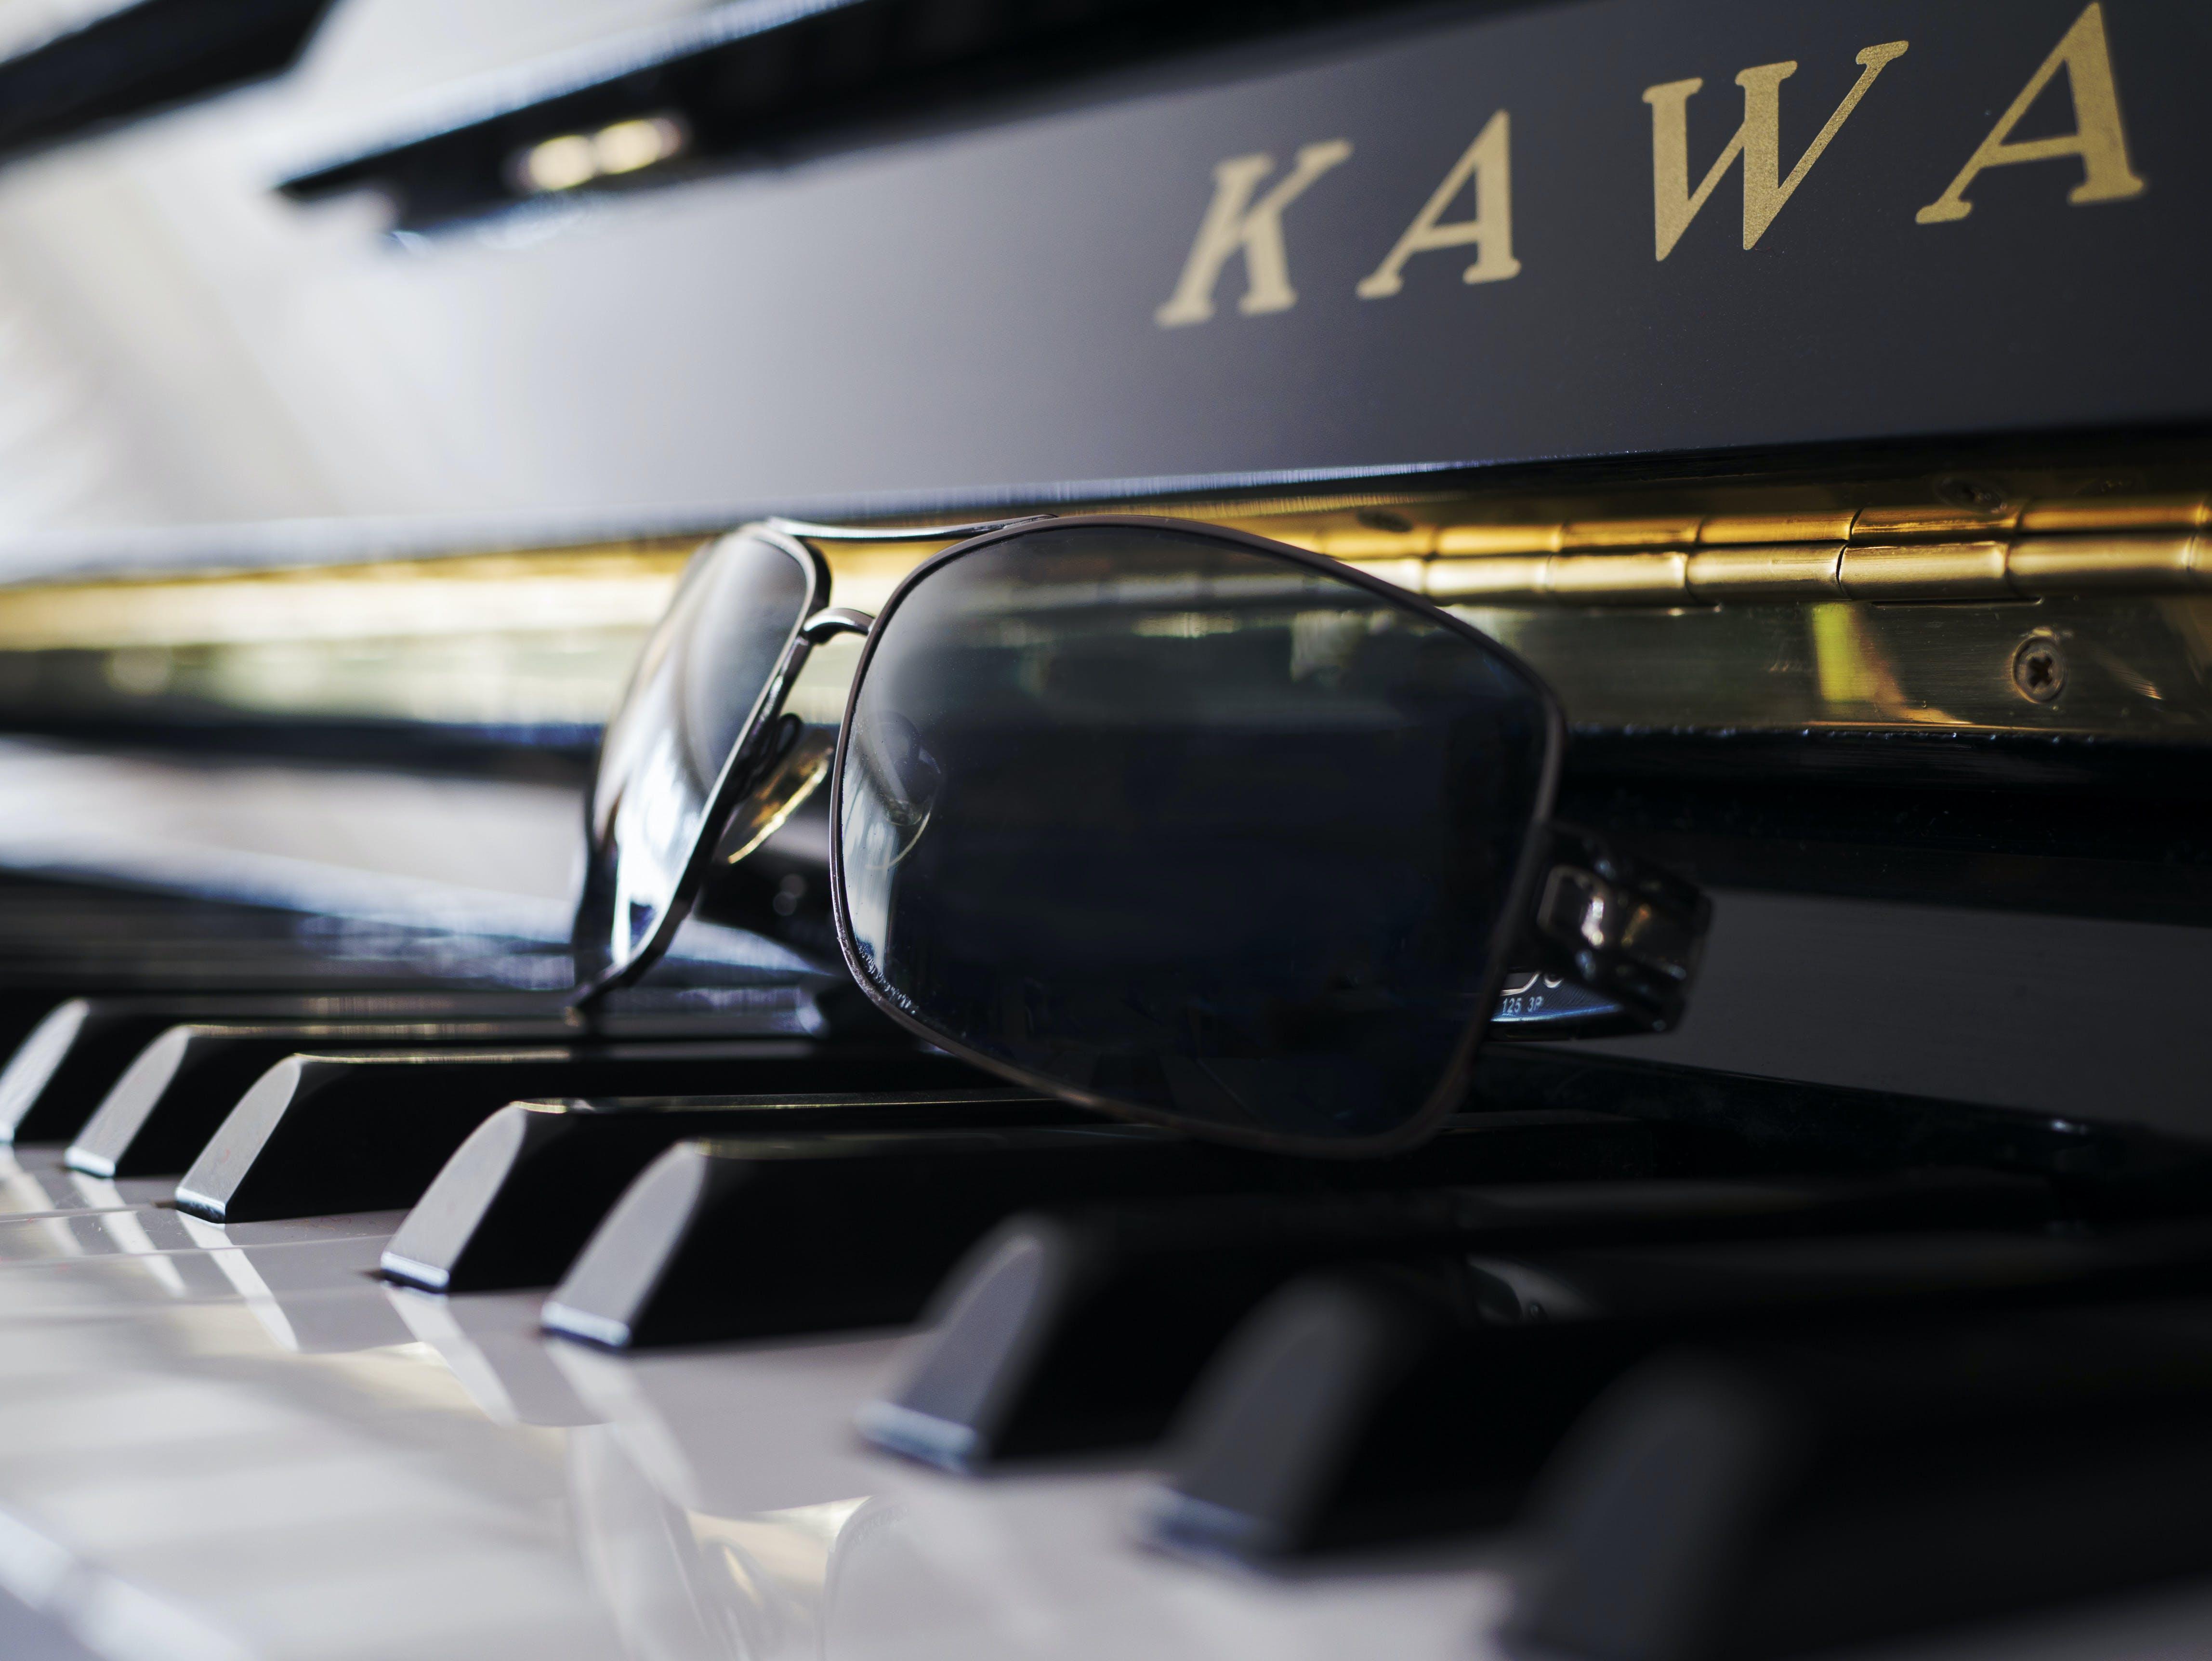 Kostenloses Stock Foto zu klavier, musik, reflektierung, schlüssel